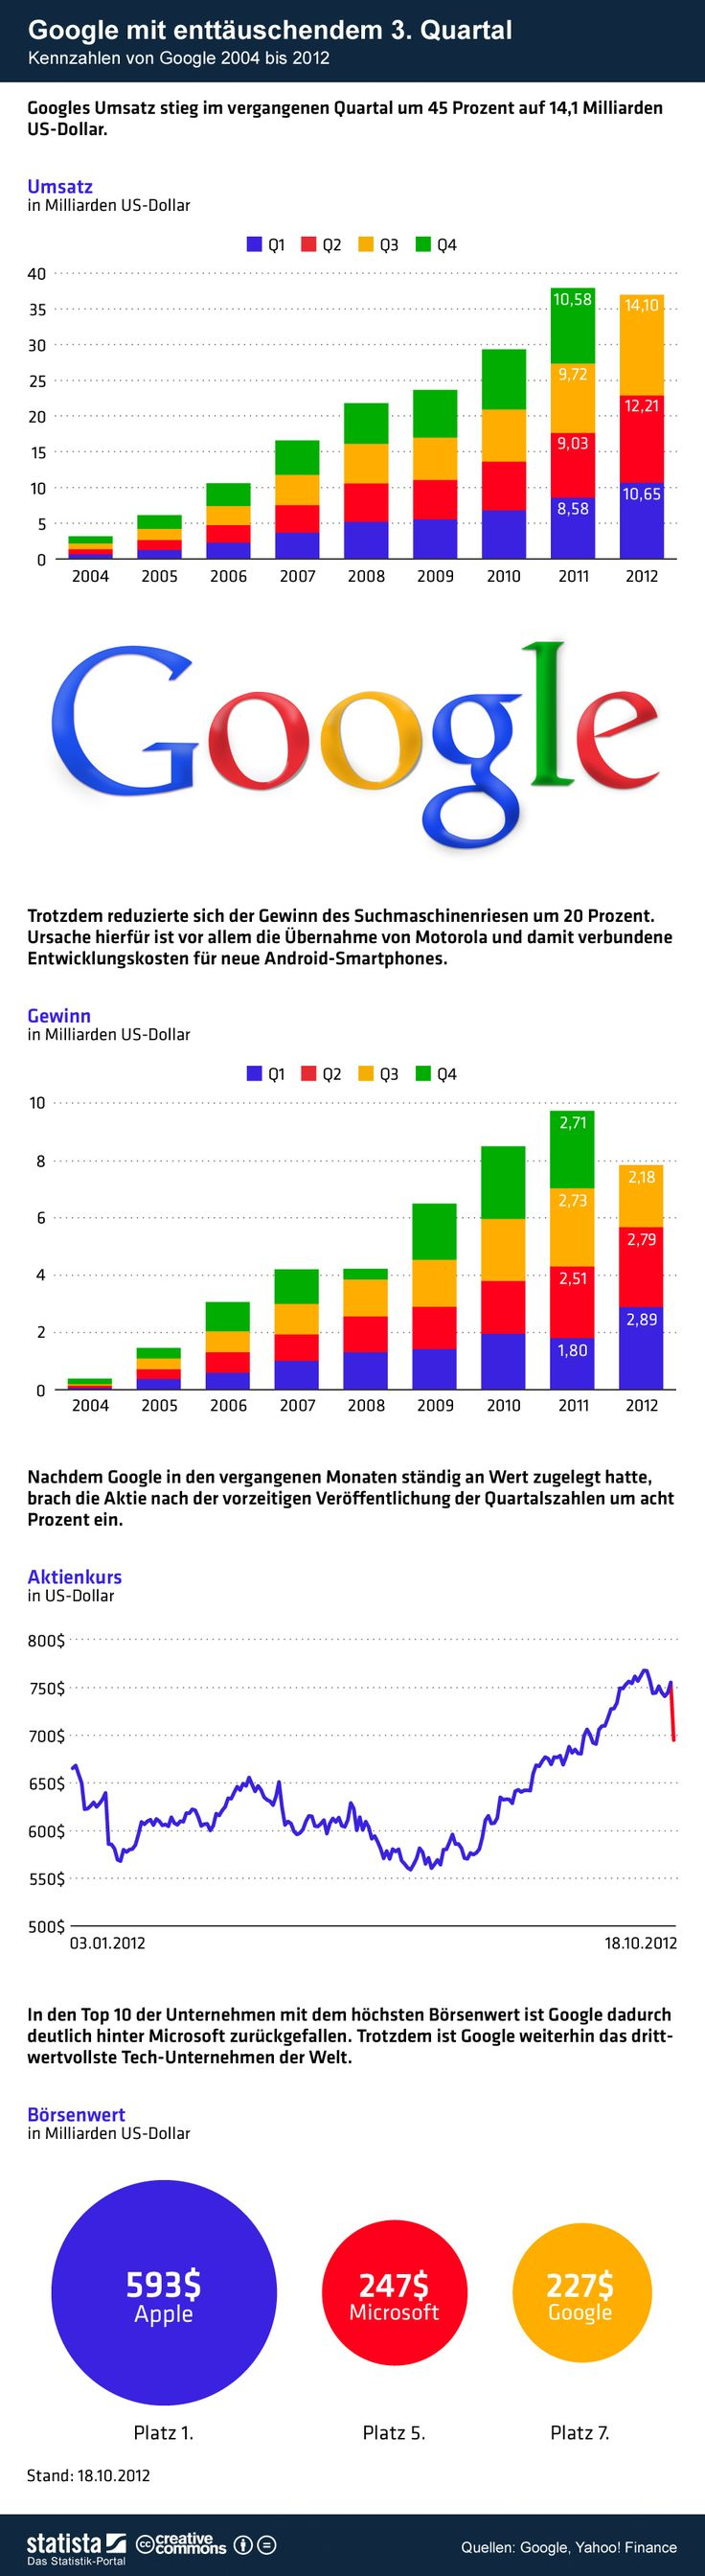 Die Grafik zeigt Kennzahlen von #Google inkl. Umsatz, Gewinn, Aktienkurs und Marktwert. #statista #infografik